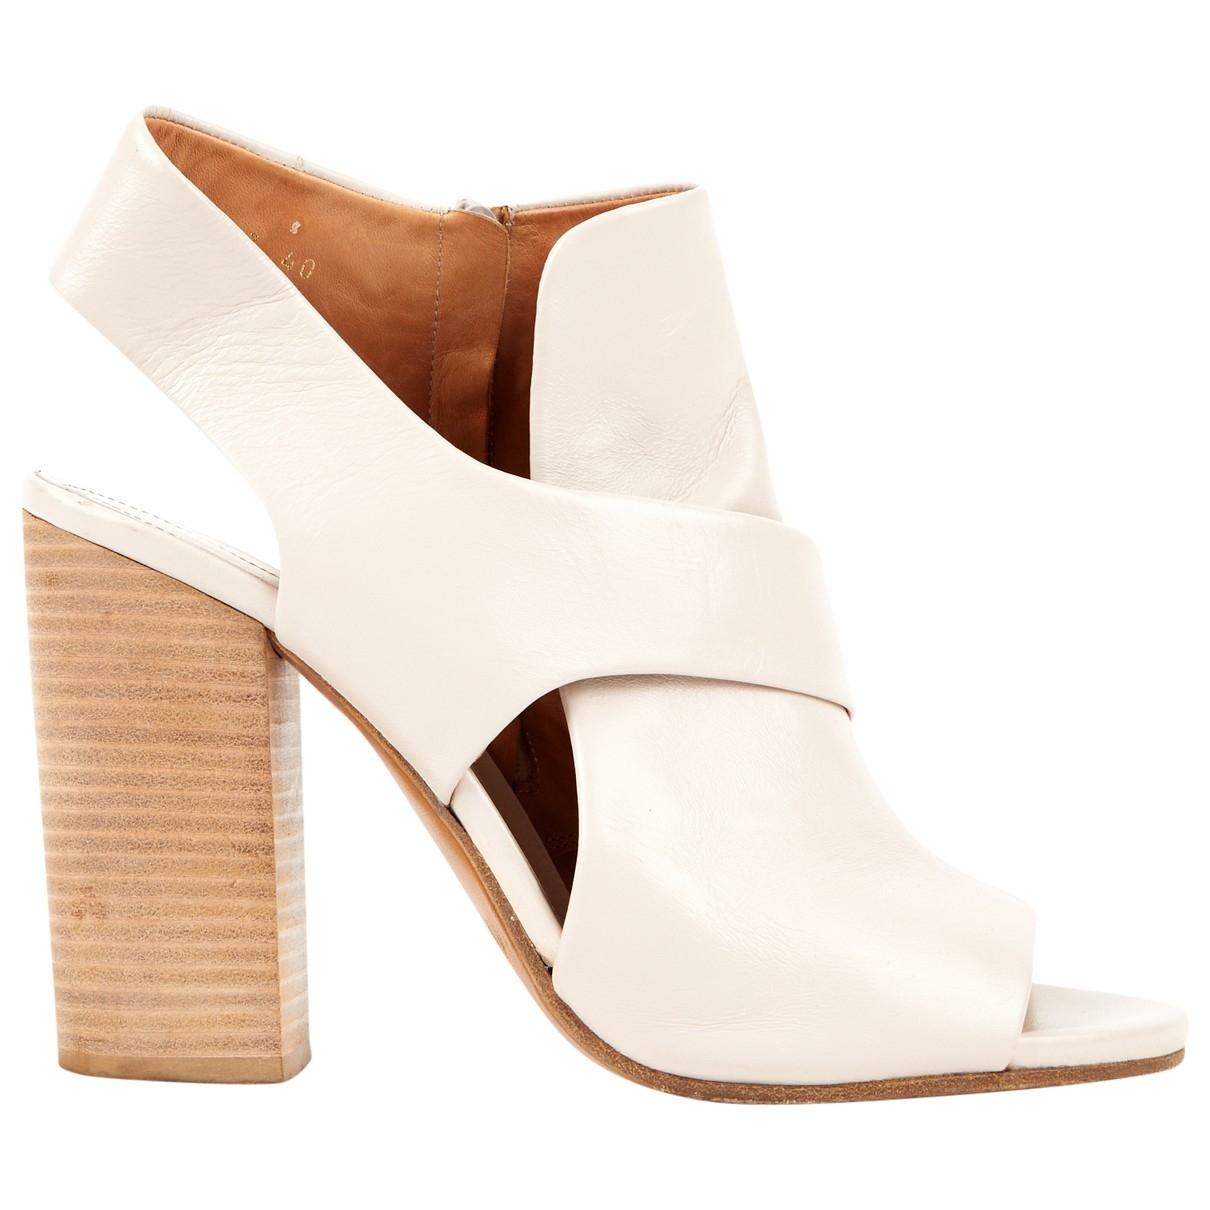 Maison Martin Margiela \N Ecru Leather Sandals for Women 40 EU